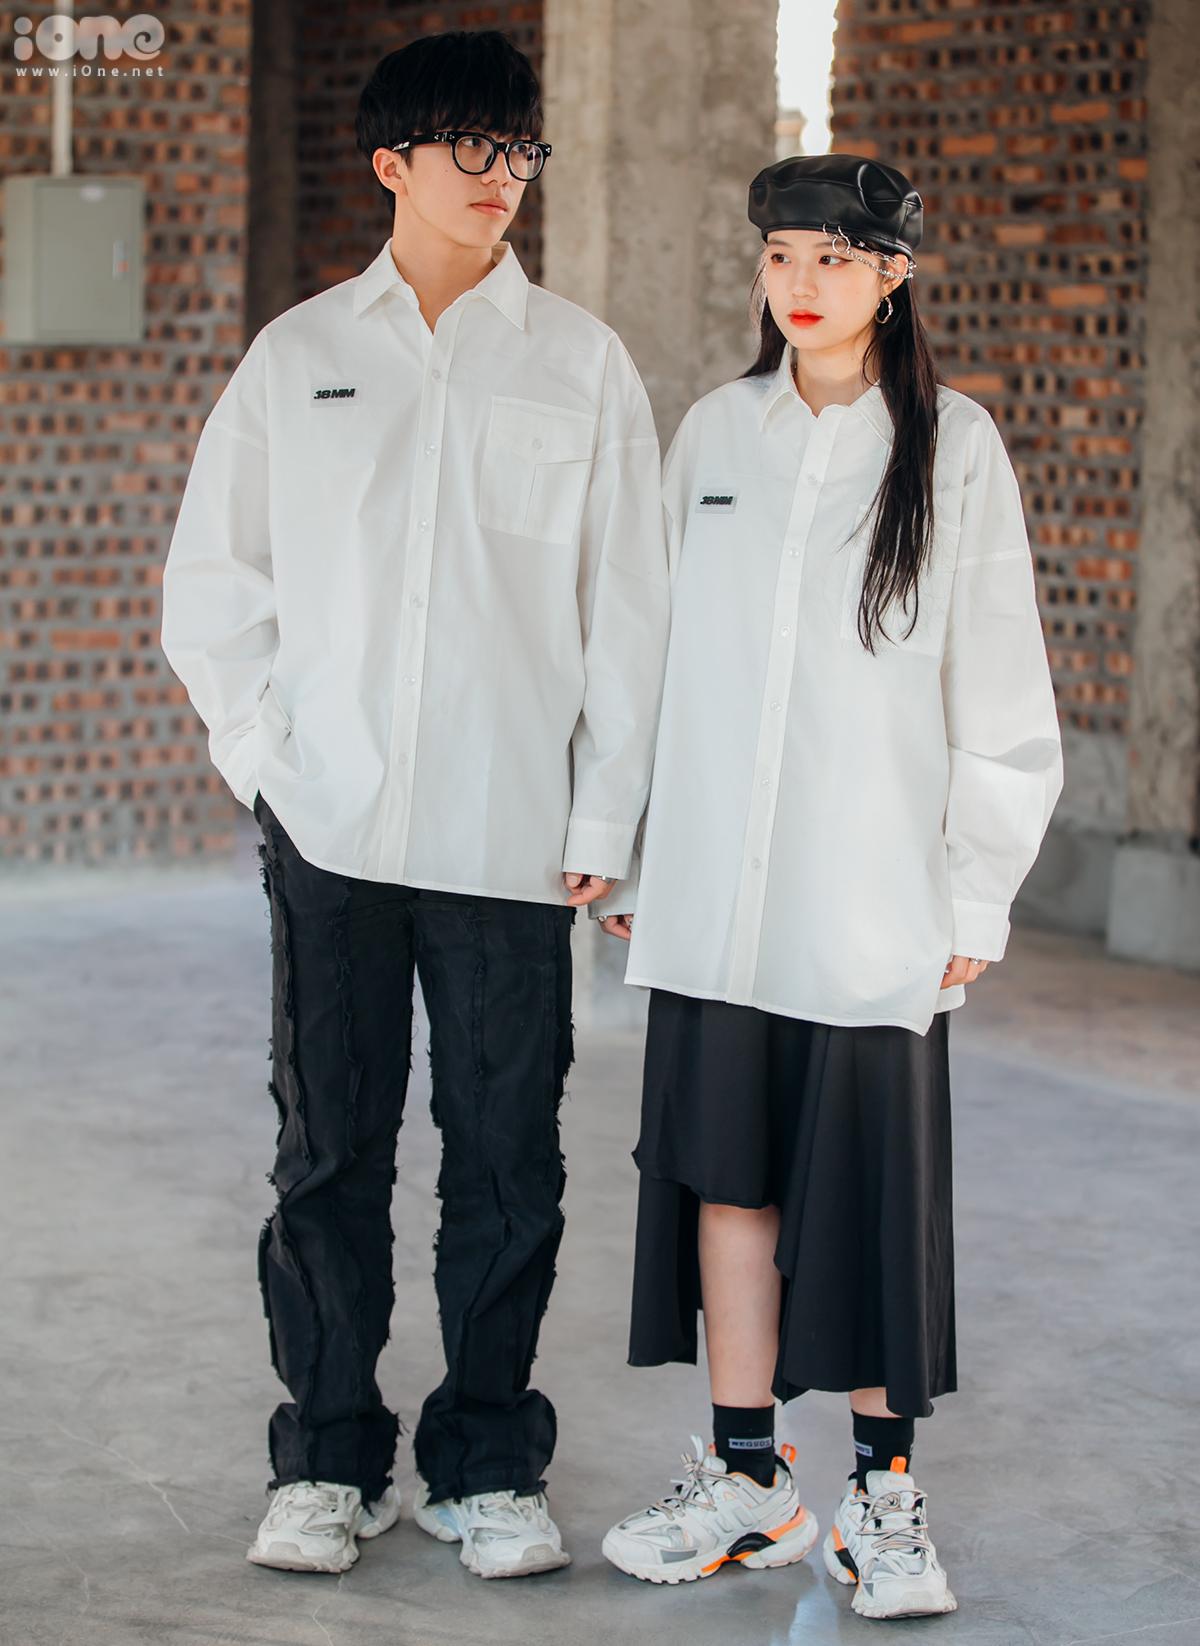 Một cặp đôi rủ nhau phối đồ tông xuyệt tông phong cách streetwear ngổ ngáo. Chiếc sơ mi oversized được cả hai lựa chọn để làm điểm chung cho phong cách.